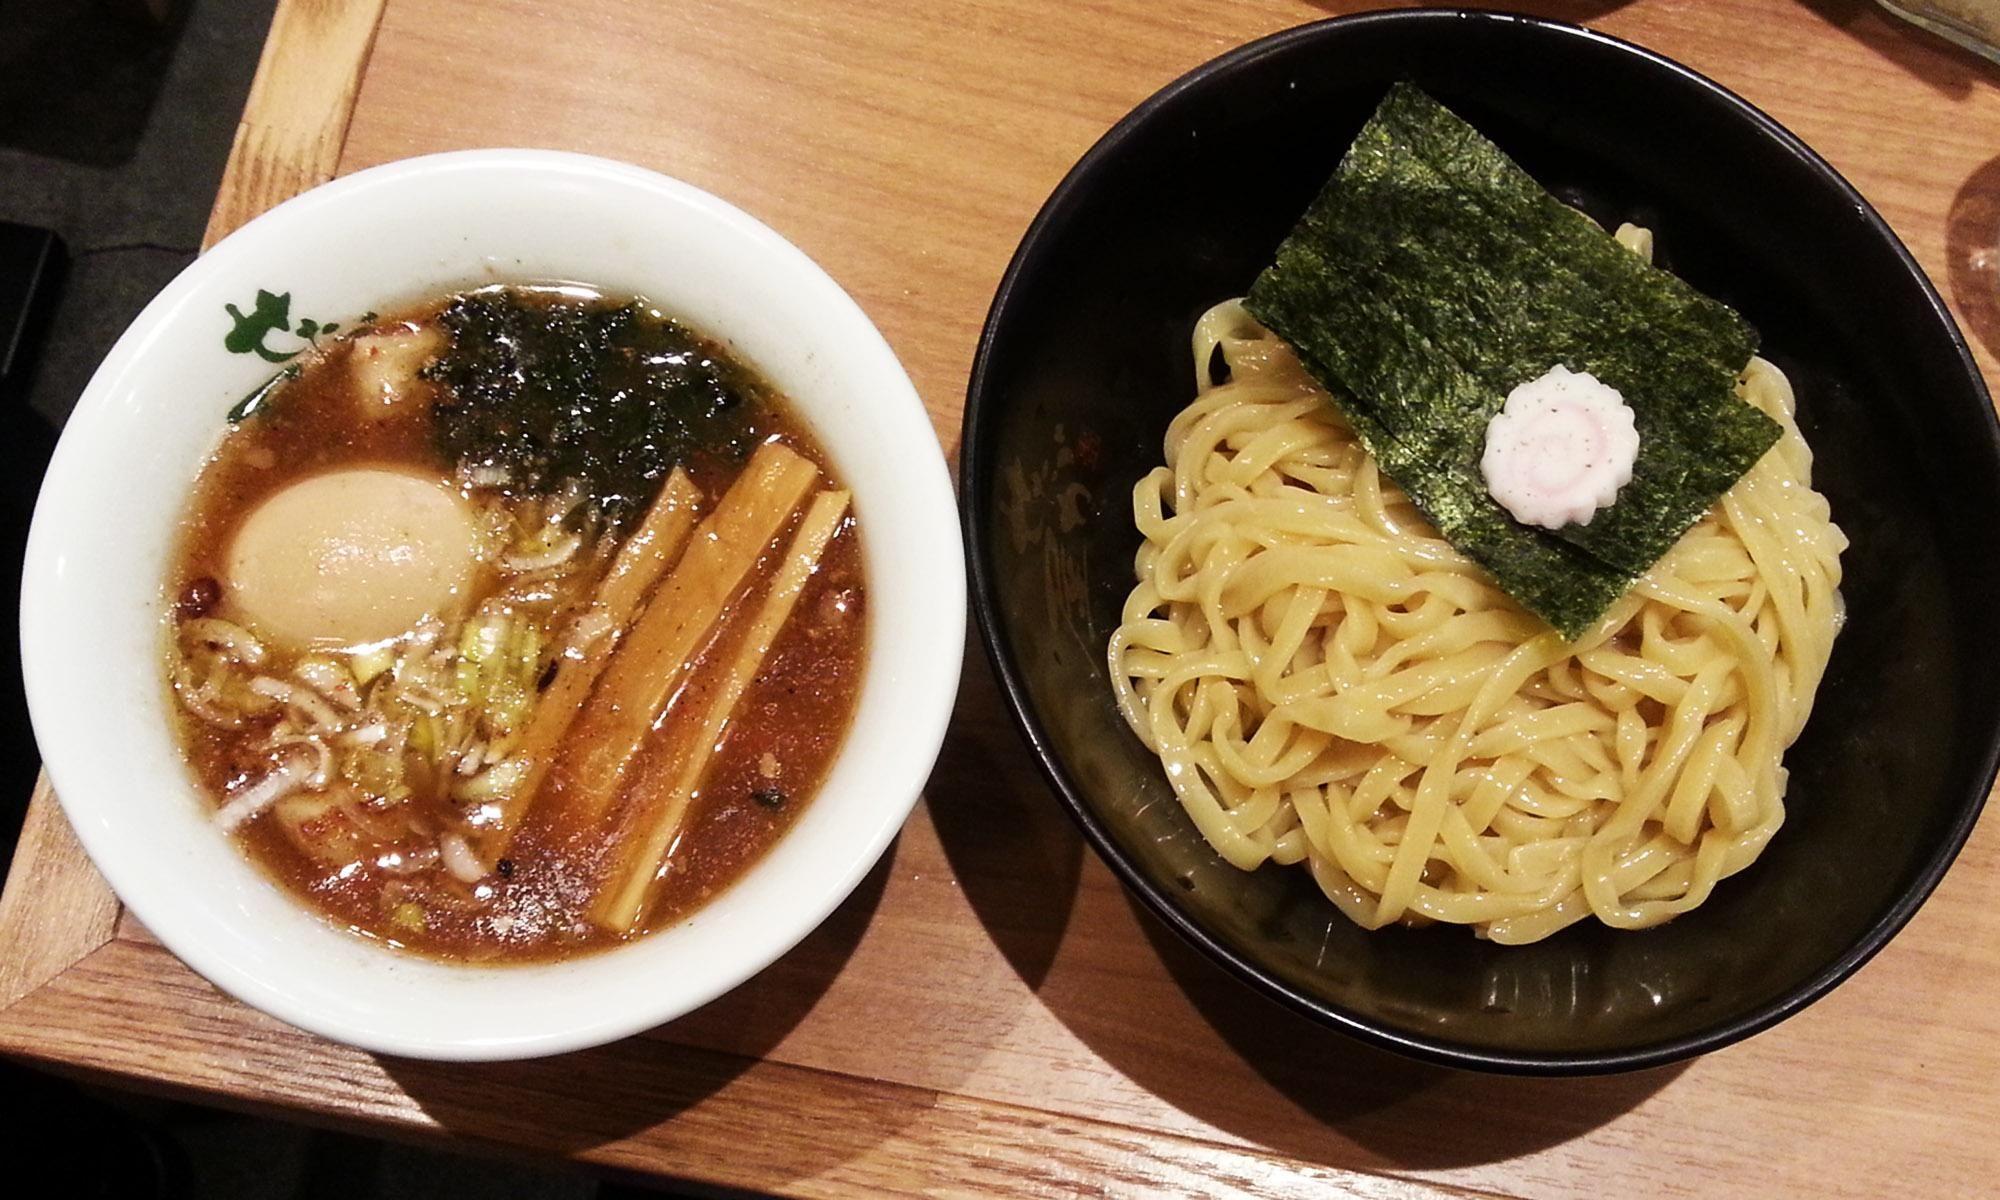 2시간의 오픈카(카트) 질주로 몸이 으슬으슬~ ㅎㅎ 따뜻한 국물이 땡겼어요. 도쿄에 왔으니 본토 라멘을 먹어봐야죠!!    국물과 면이 다른 접시에 담겨 나오는 '츠케멘'과 모든 토핑이 듬뿍 들어간 '라멘'을 시켰어요.   저는 츠